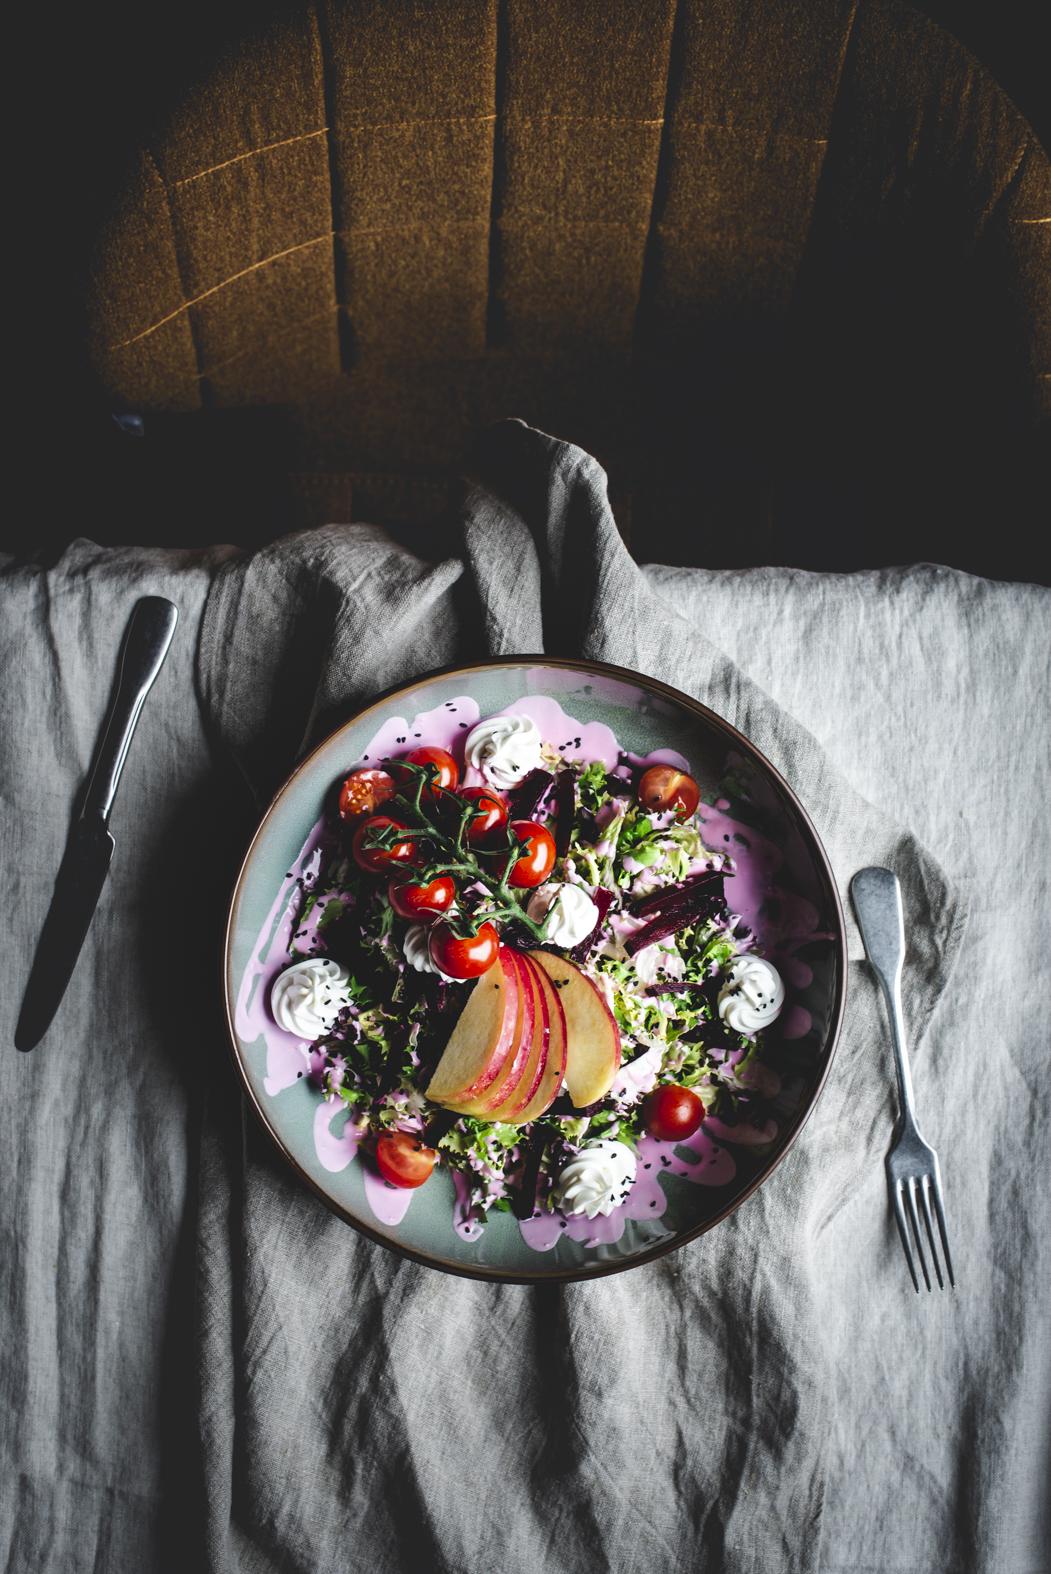 Van Doorn & Doorn - Stefanie Spoelder Food Photography - Food fotograaf Overijssel Twente - food fotografie foodfotografie overijssel - foodfotograaf